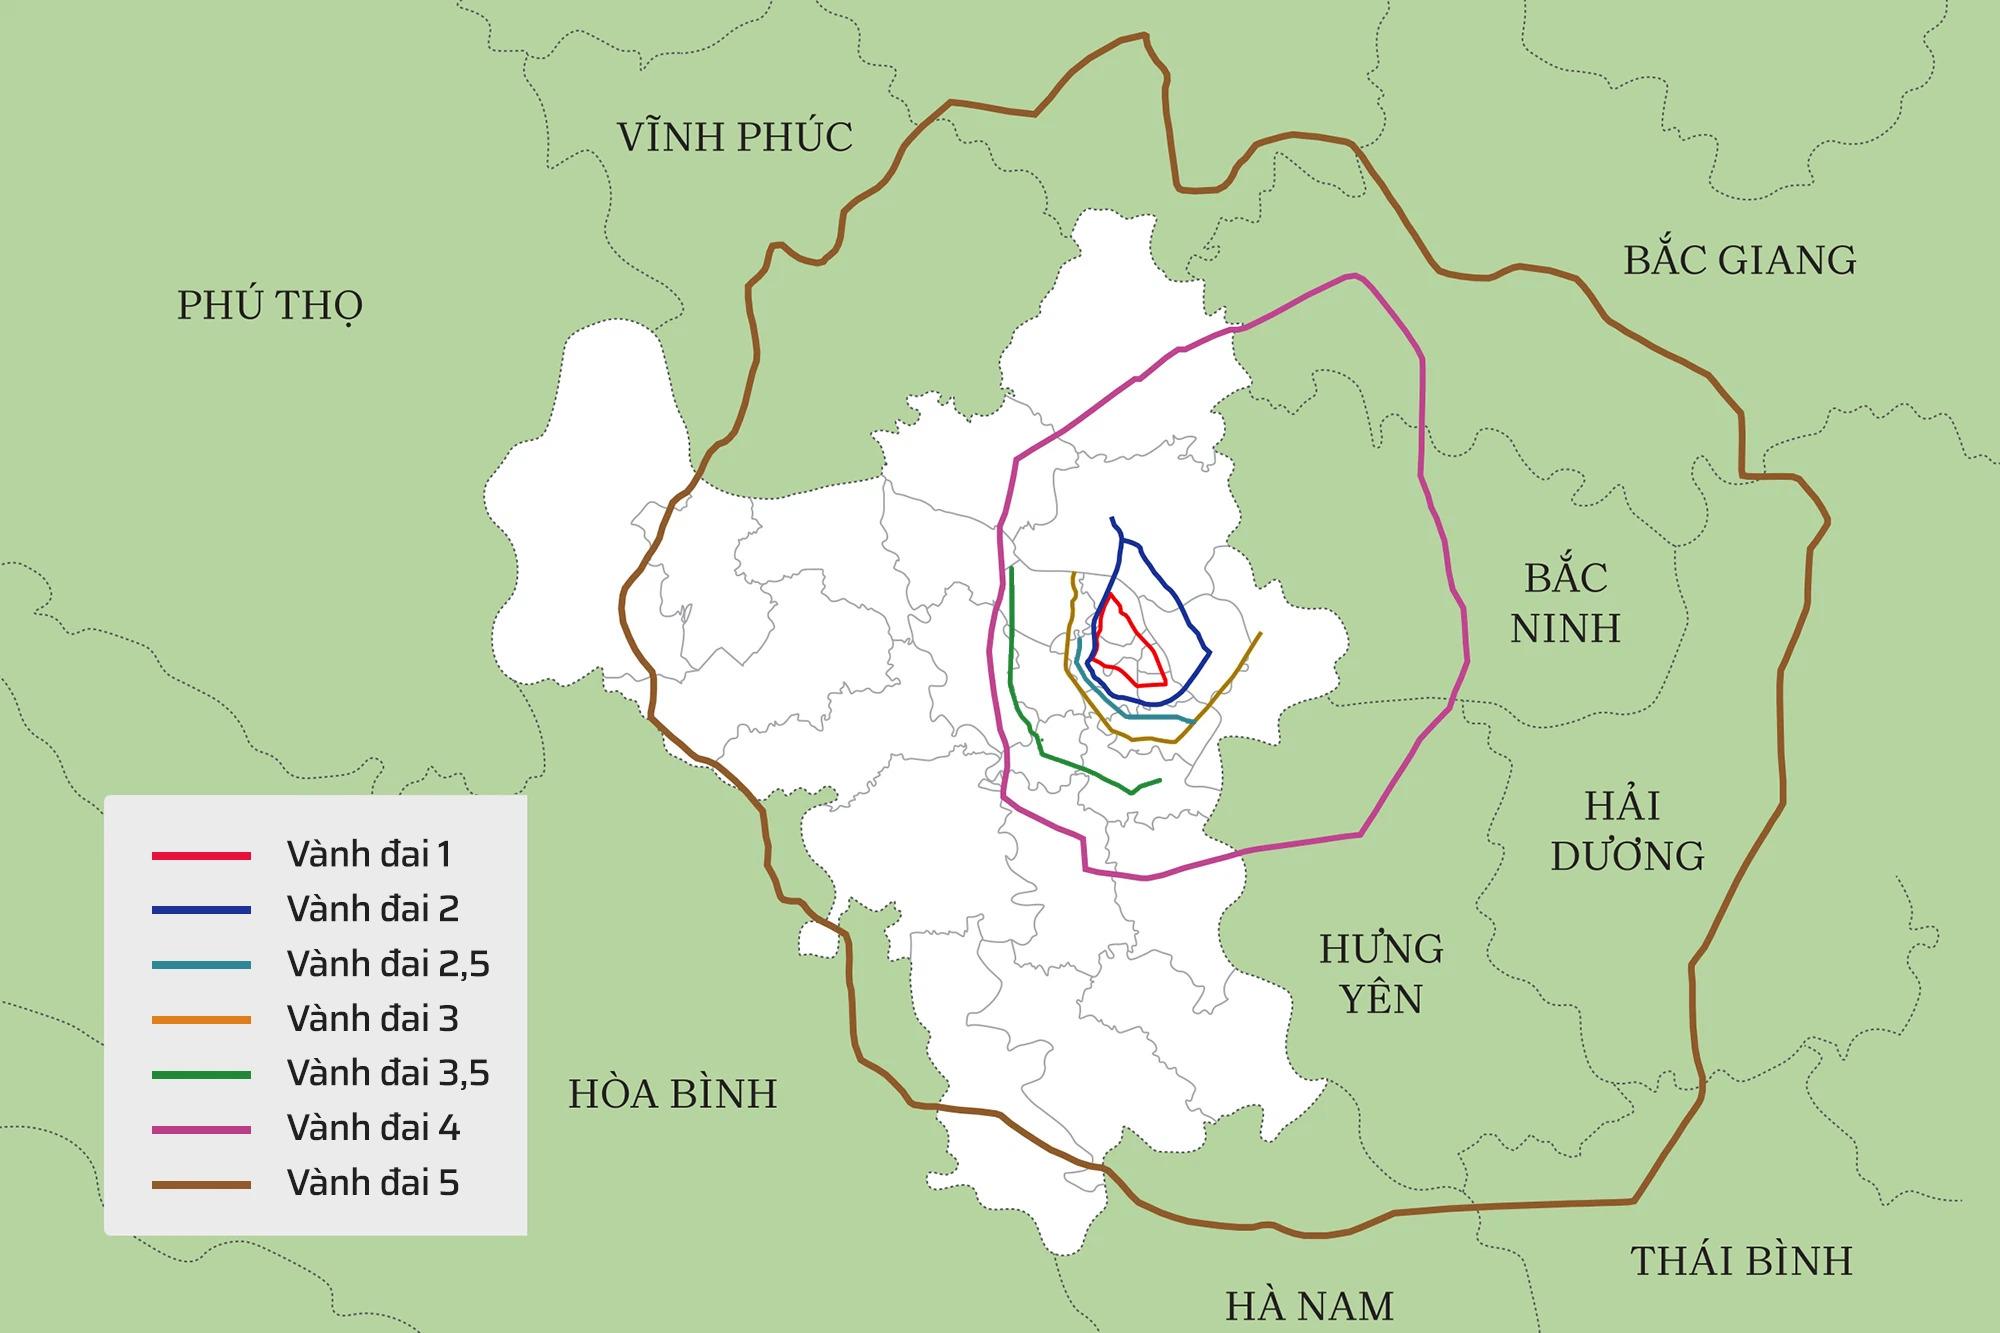 Hệ thống 7 đường vành đai của Hà Nội: Hai tuyến chưa hình thành, 5 tuyến còn lại tổng mức đầu tư gần 150.000 tỷ - Ảnh 1.